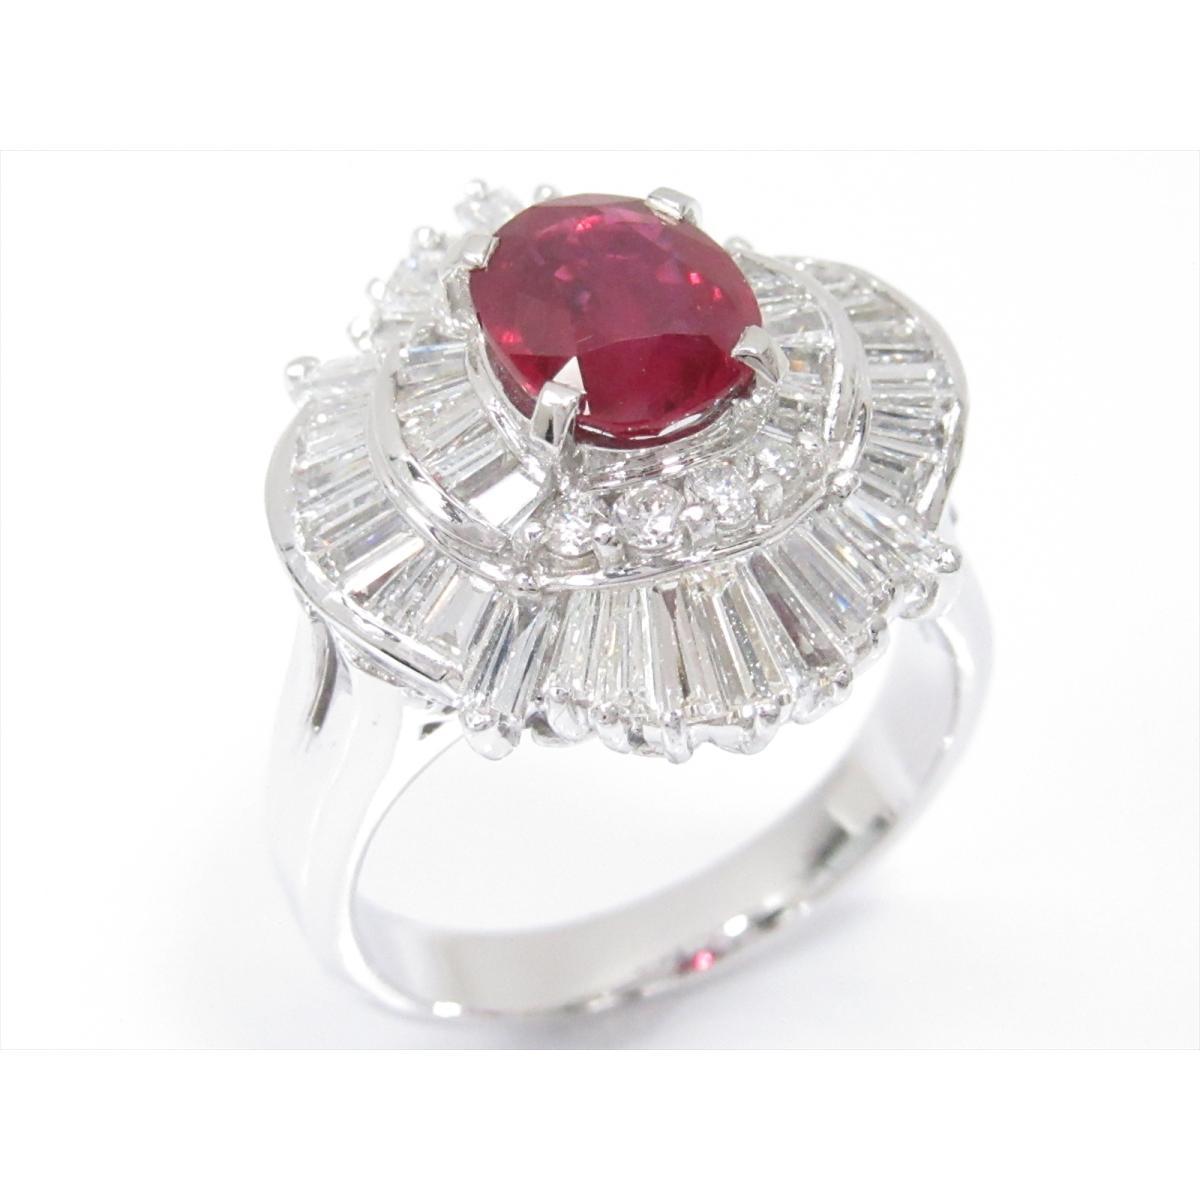 【中古】 ジュエリー ルビーリング 指輪 レディース PT900 プラチナ x ルビー (1.56ct) x ダイヤモンド (1.75ct) | JEWELRY リング リング 美品 ブランドオフ BRANDOFF